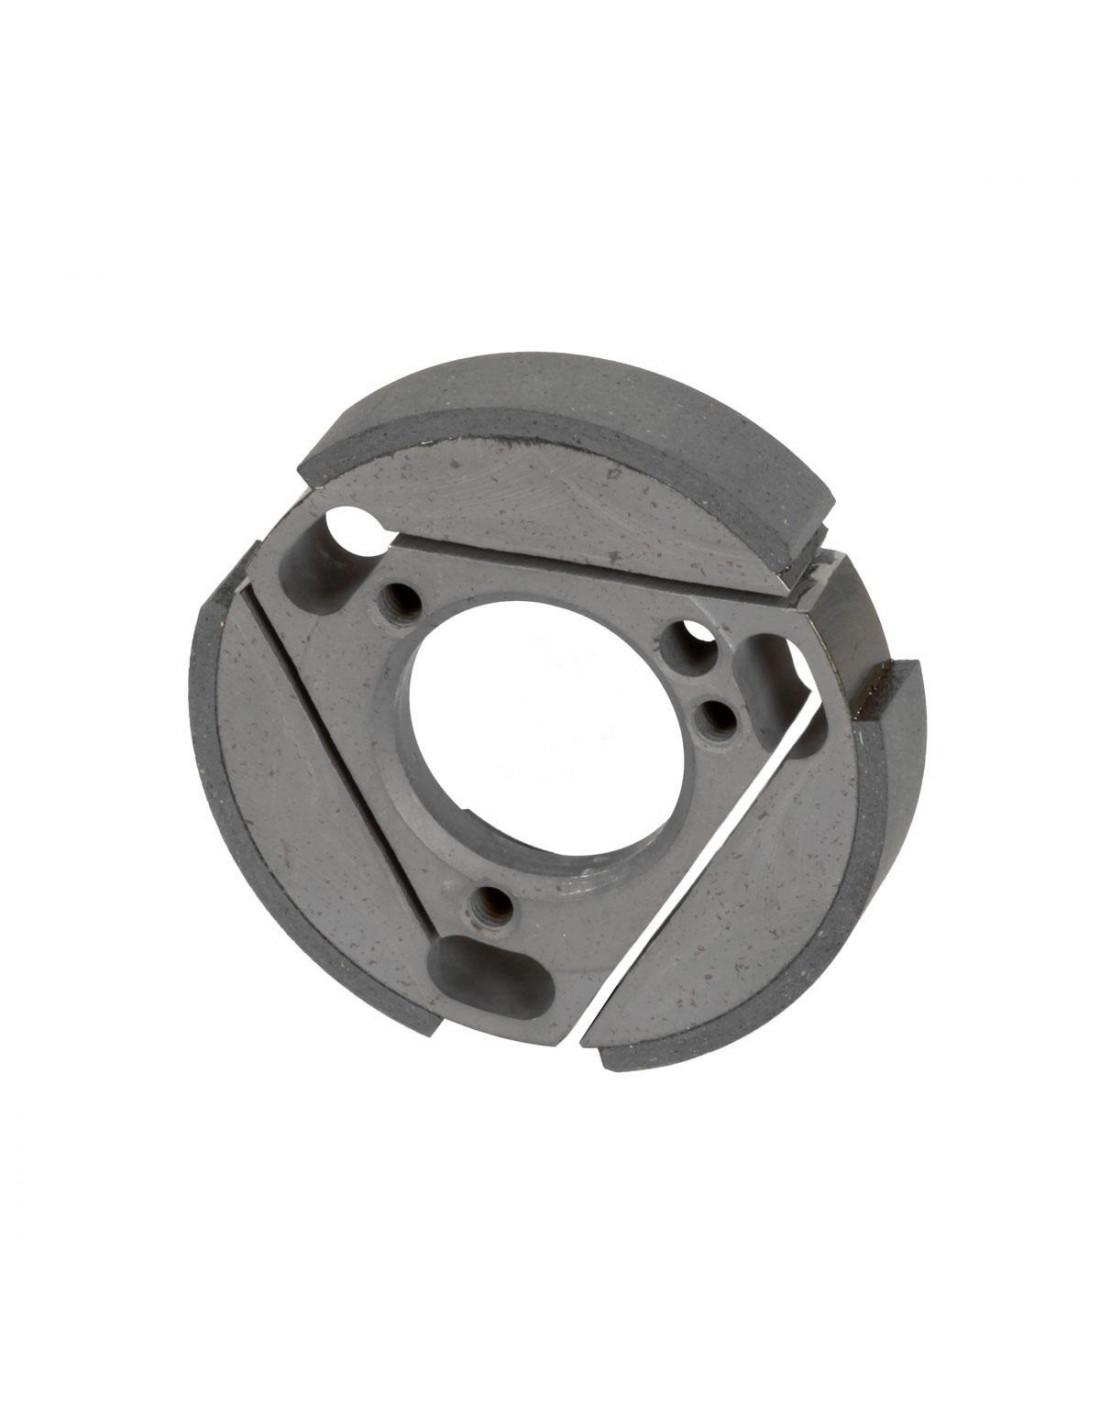 X30 Koppeling Oud Type Parilla Iame